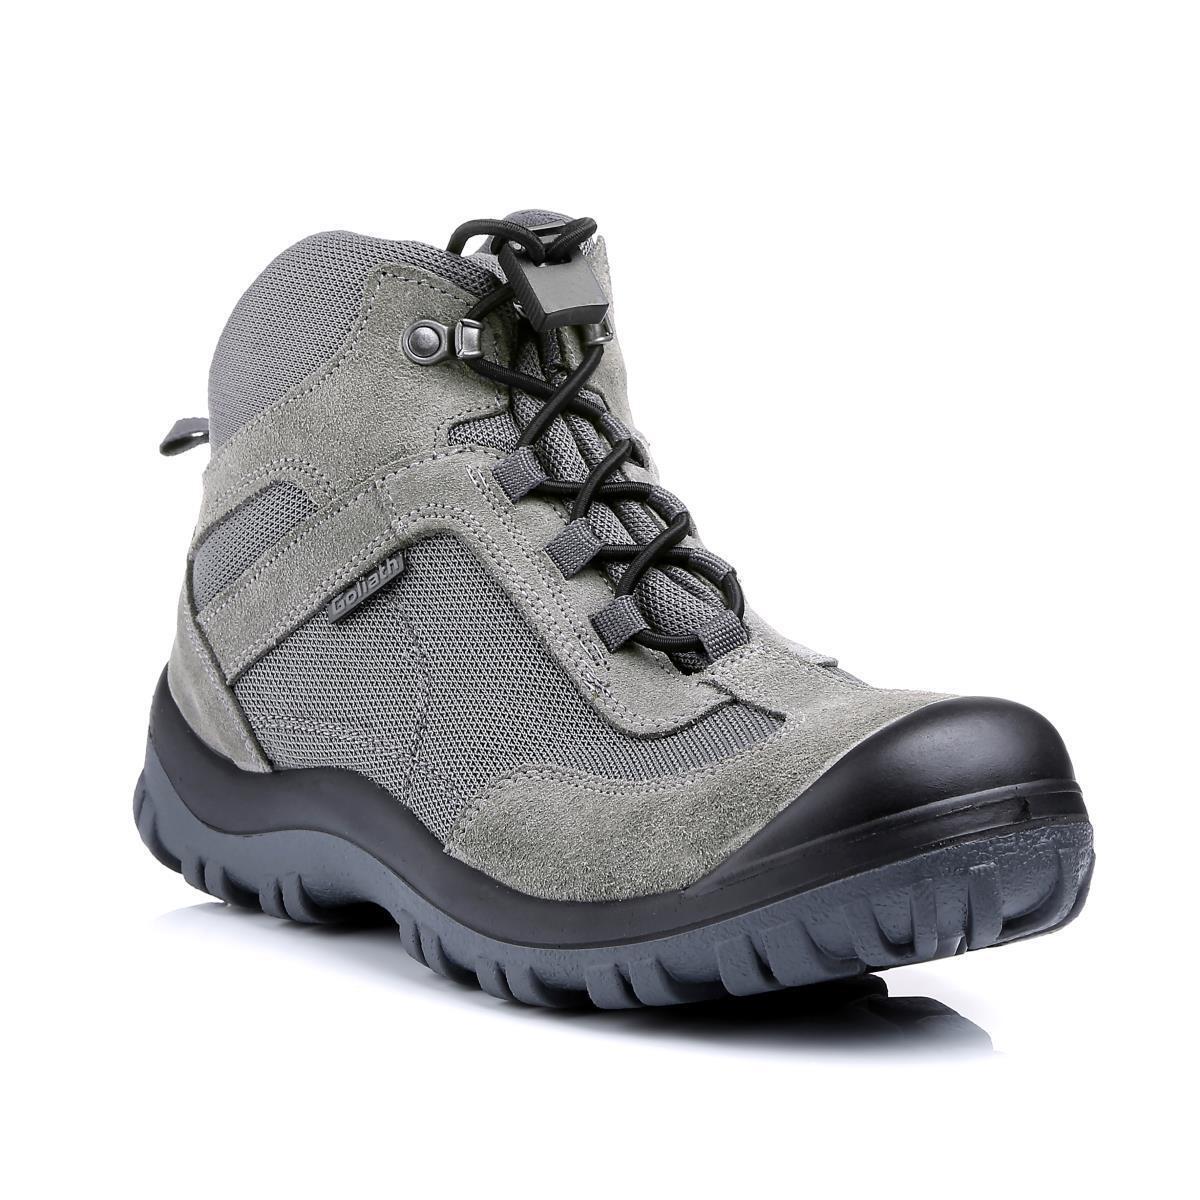 Nuevos zapatos para hombres y mujeres, descuento por tiempo limitado Goliath Seco Traje Botas De Seguridad Puntera acero Tapones & Entresuela Agua